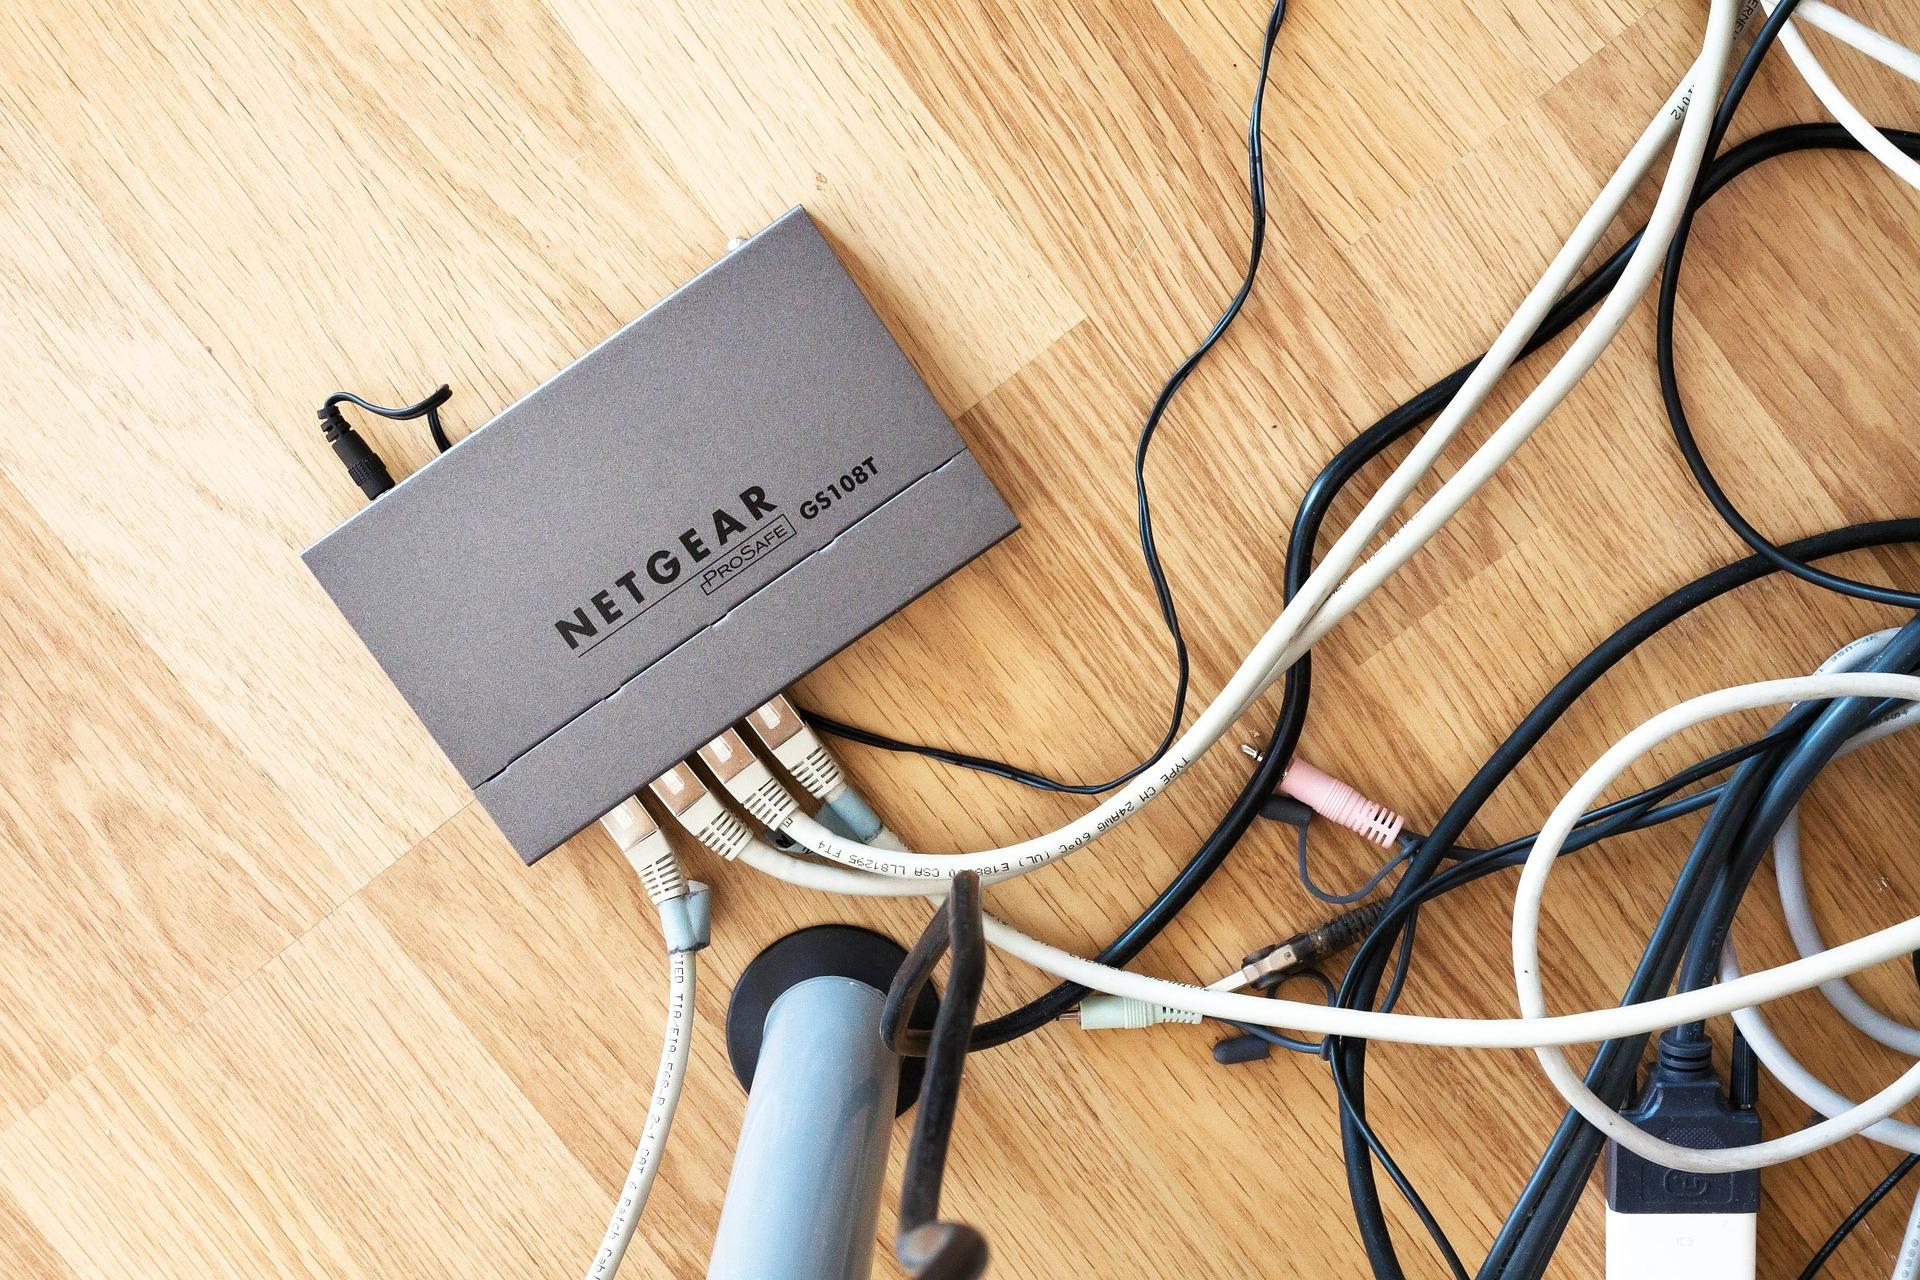 Kuhu panna kodus wifi-ruuter, et internet kiirem oleks?